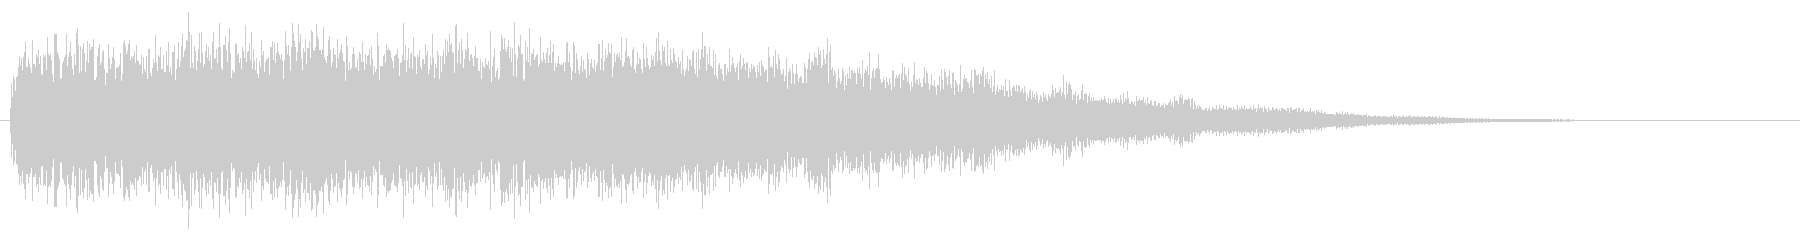 ハデめな場面転換の音 シーン切り替え音の未再生の波形